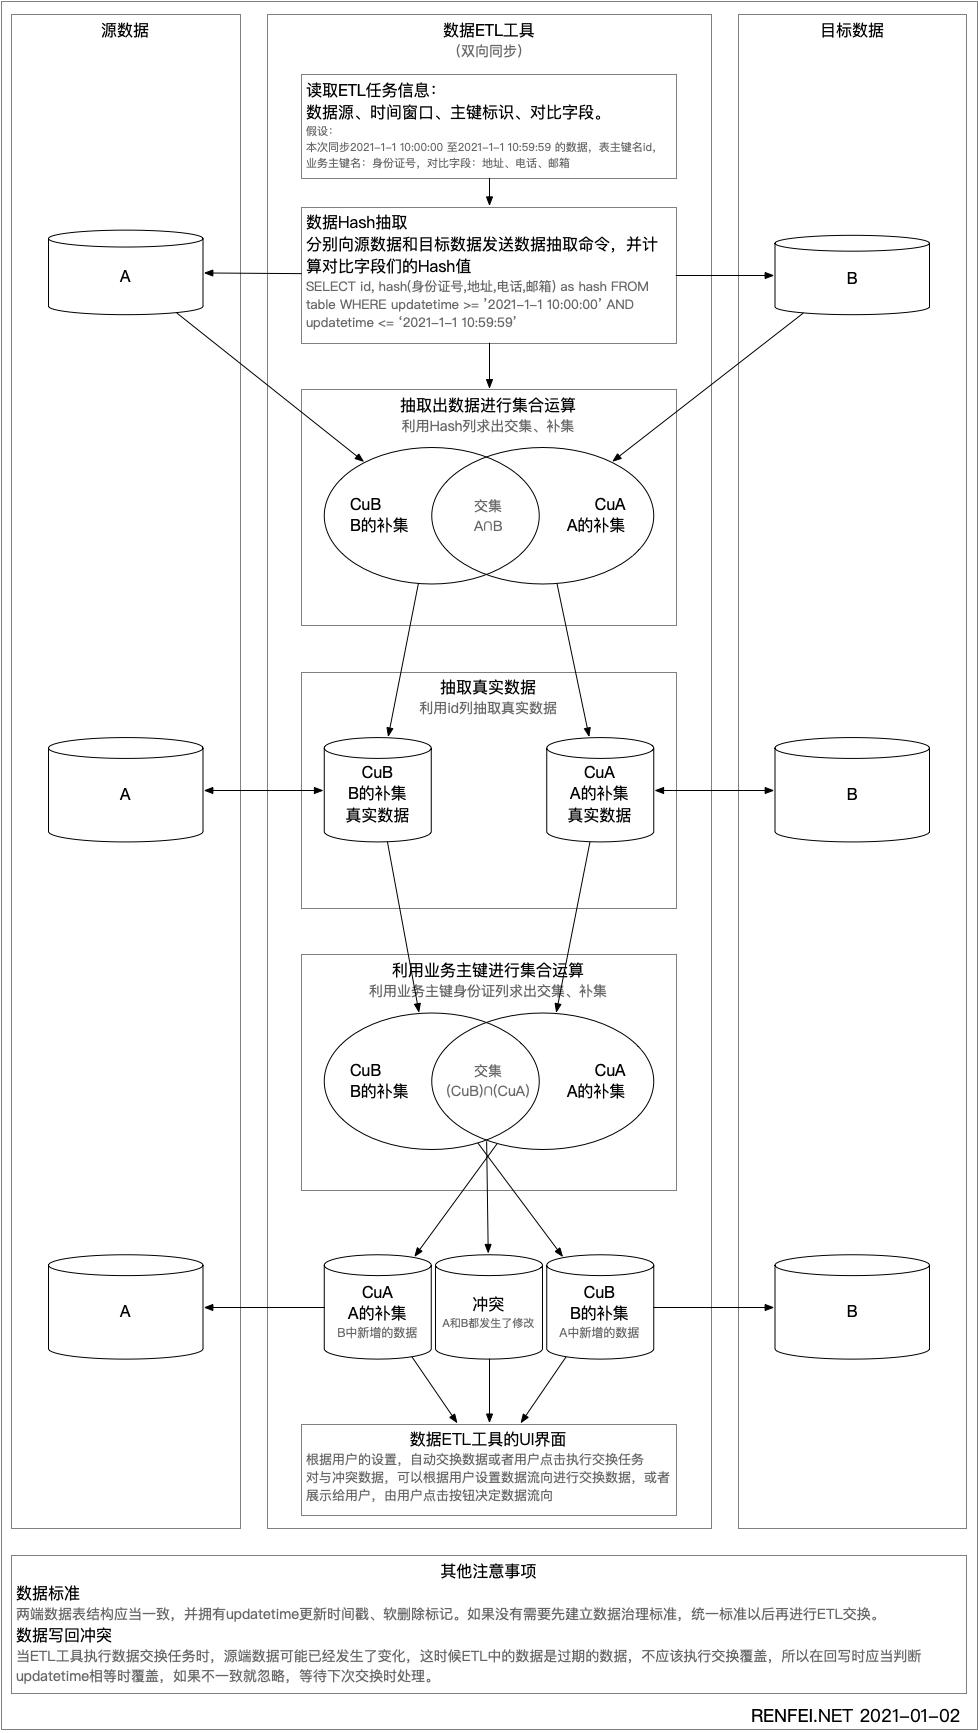 ETL数据比对流程图